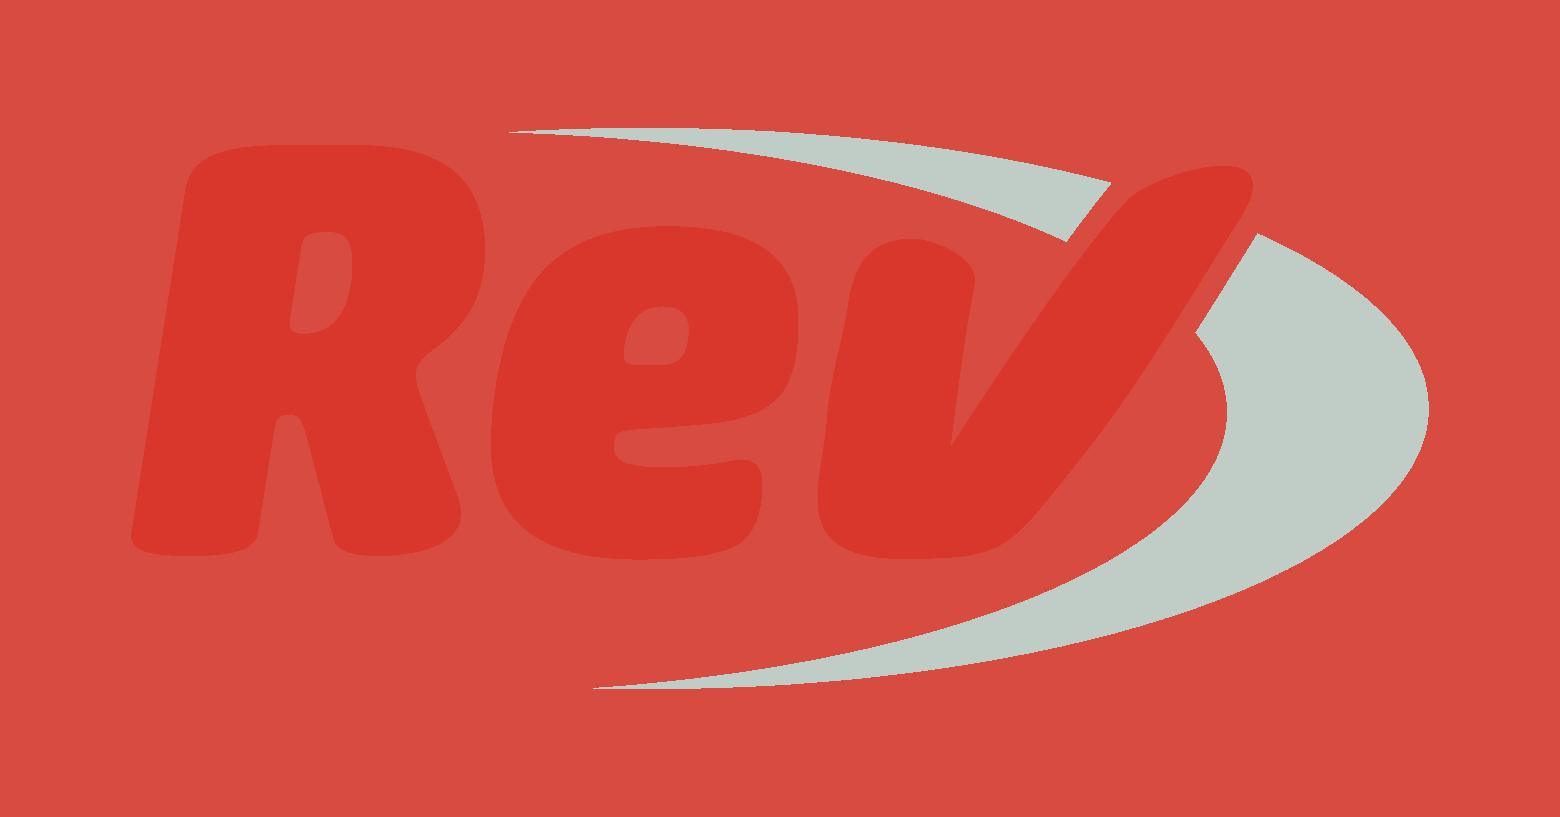 rev.com - transcription companies